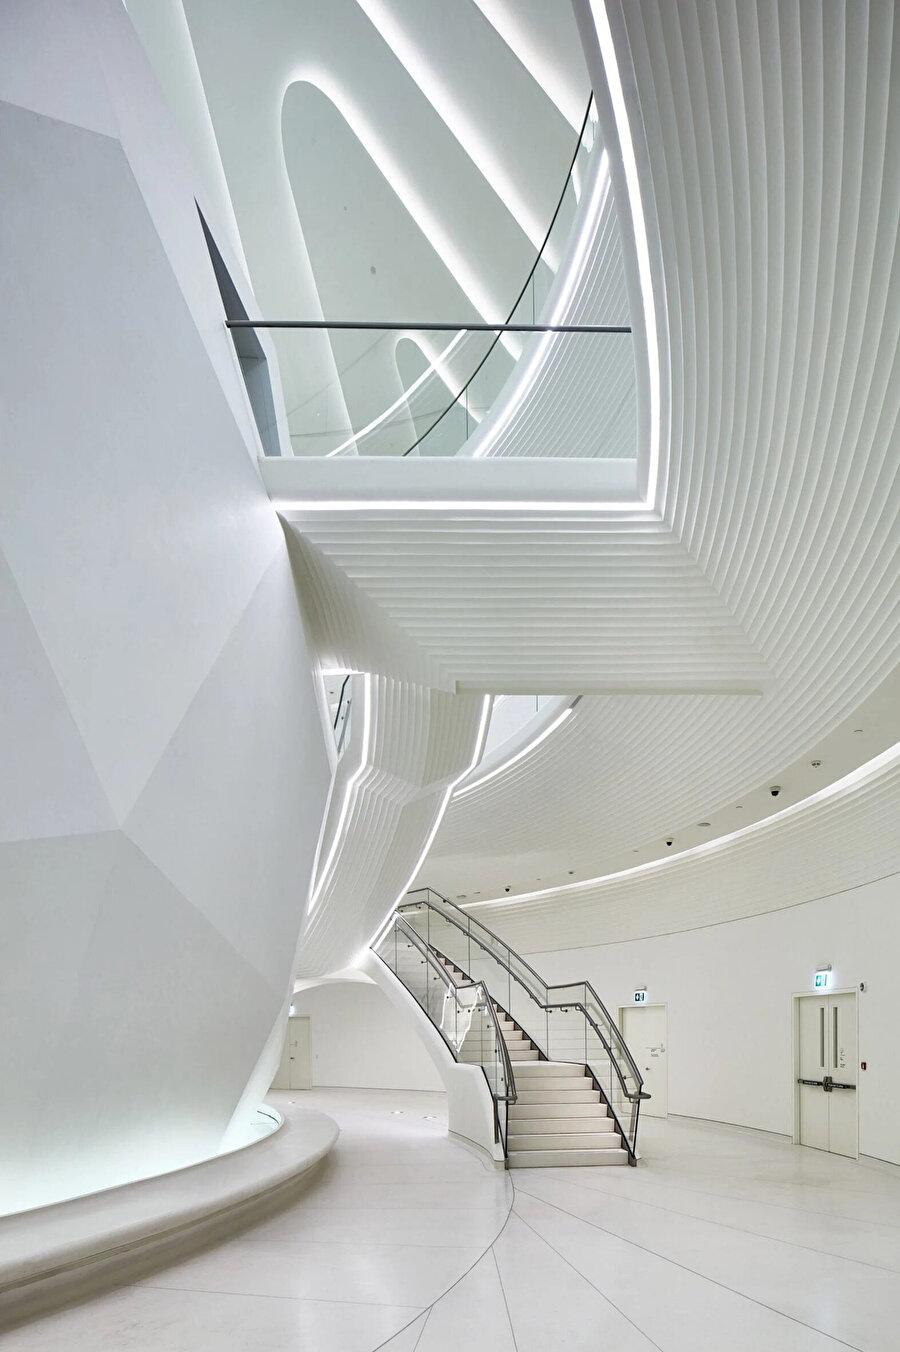 Oditoryum ve açık katlar birbirlerine atriyumdan geçen dev merdivenler ve köprülerle bağlanıyor.